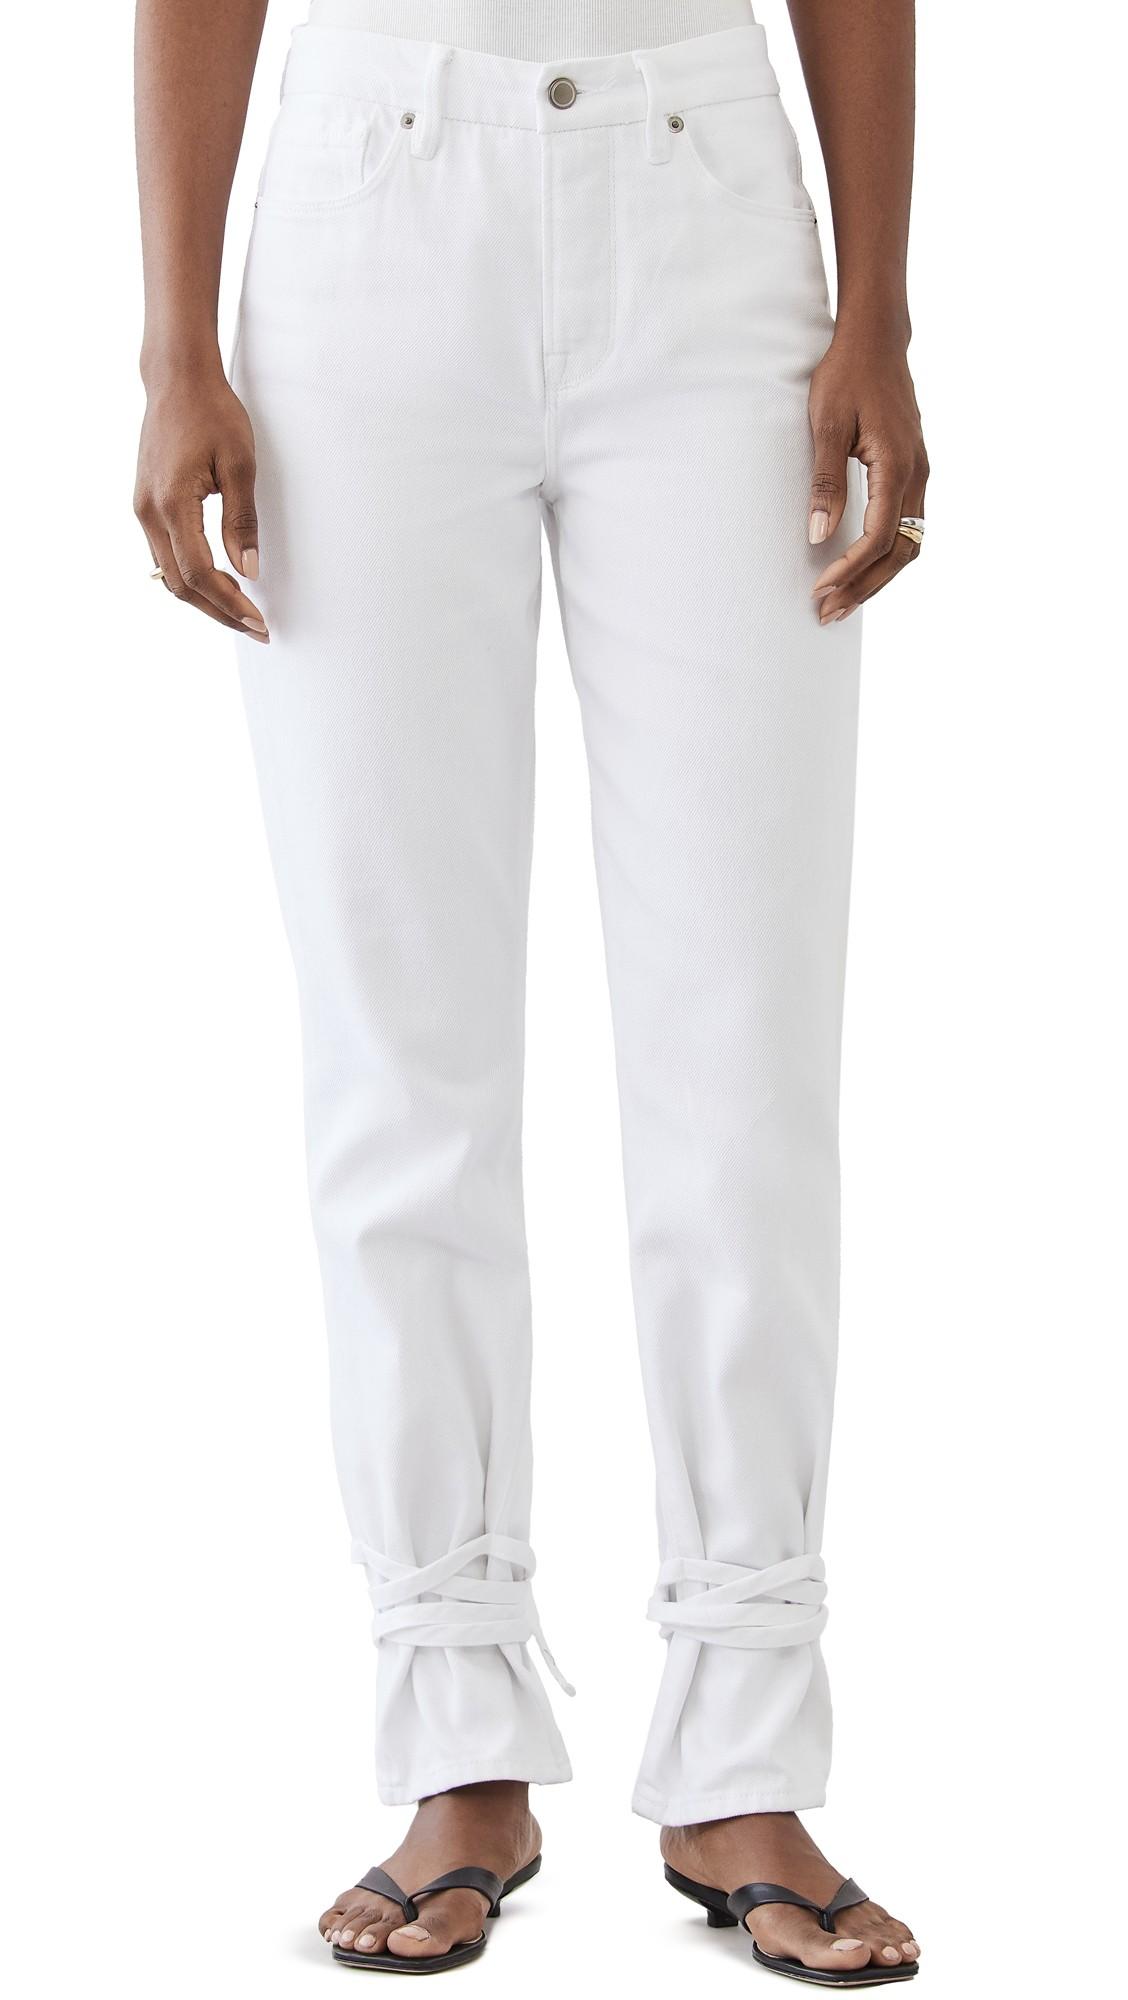 Gute amerikanische Good Boy Knöchel Jeans